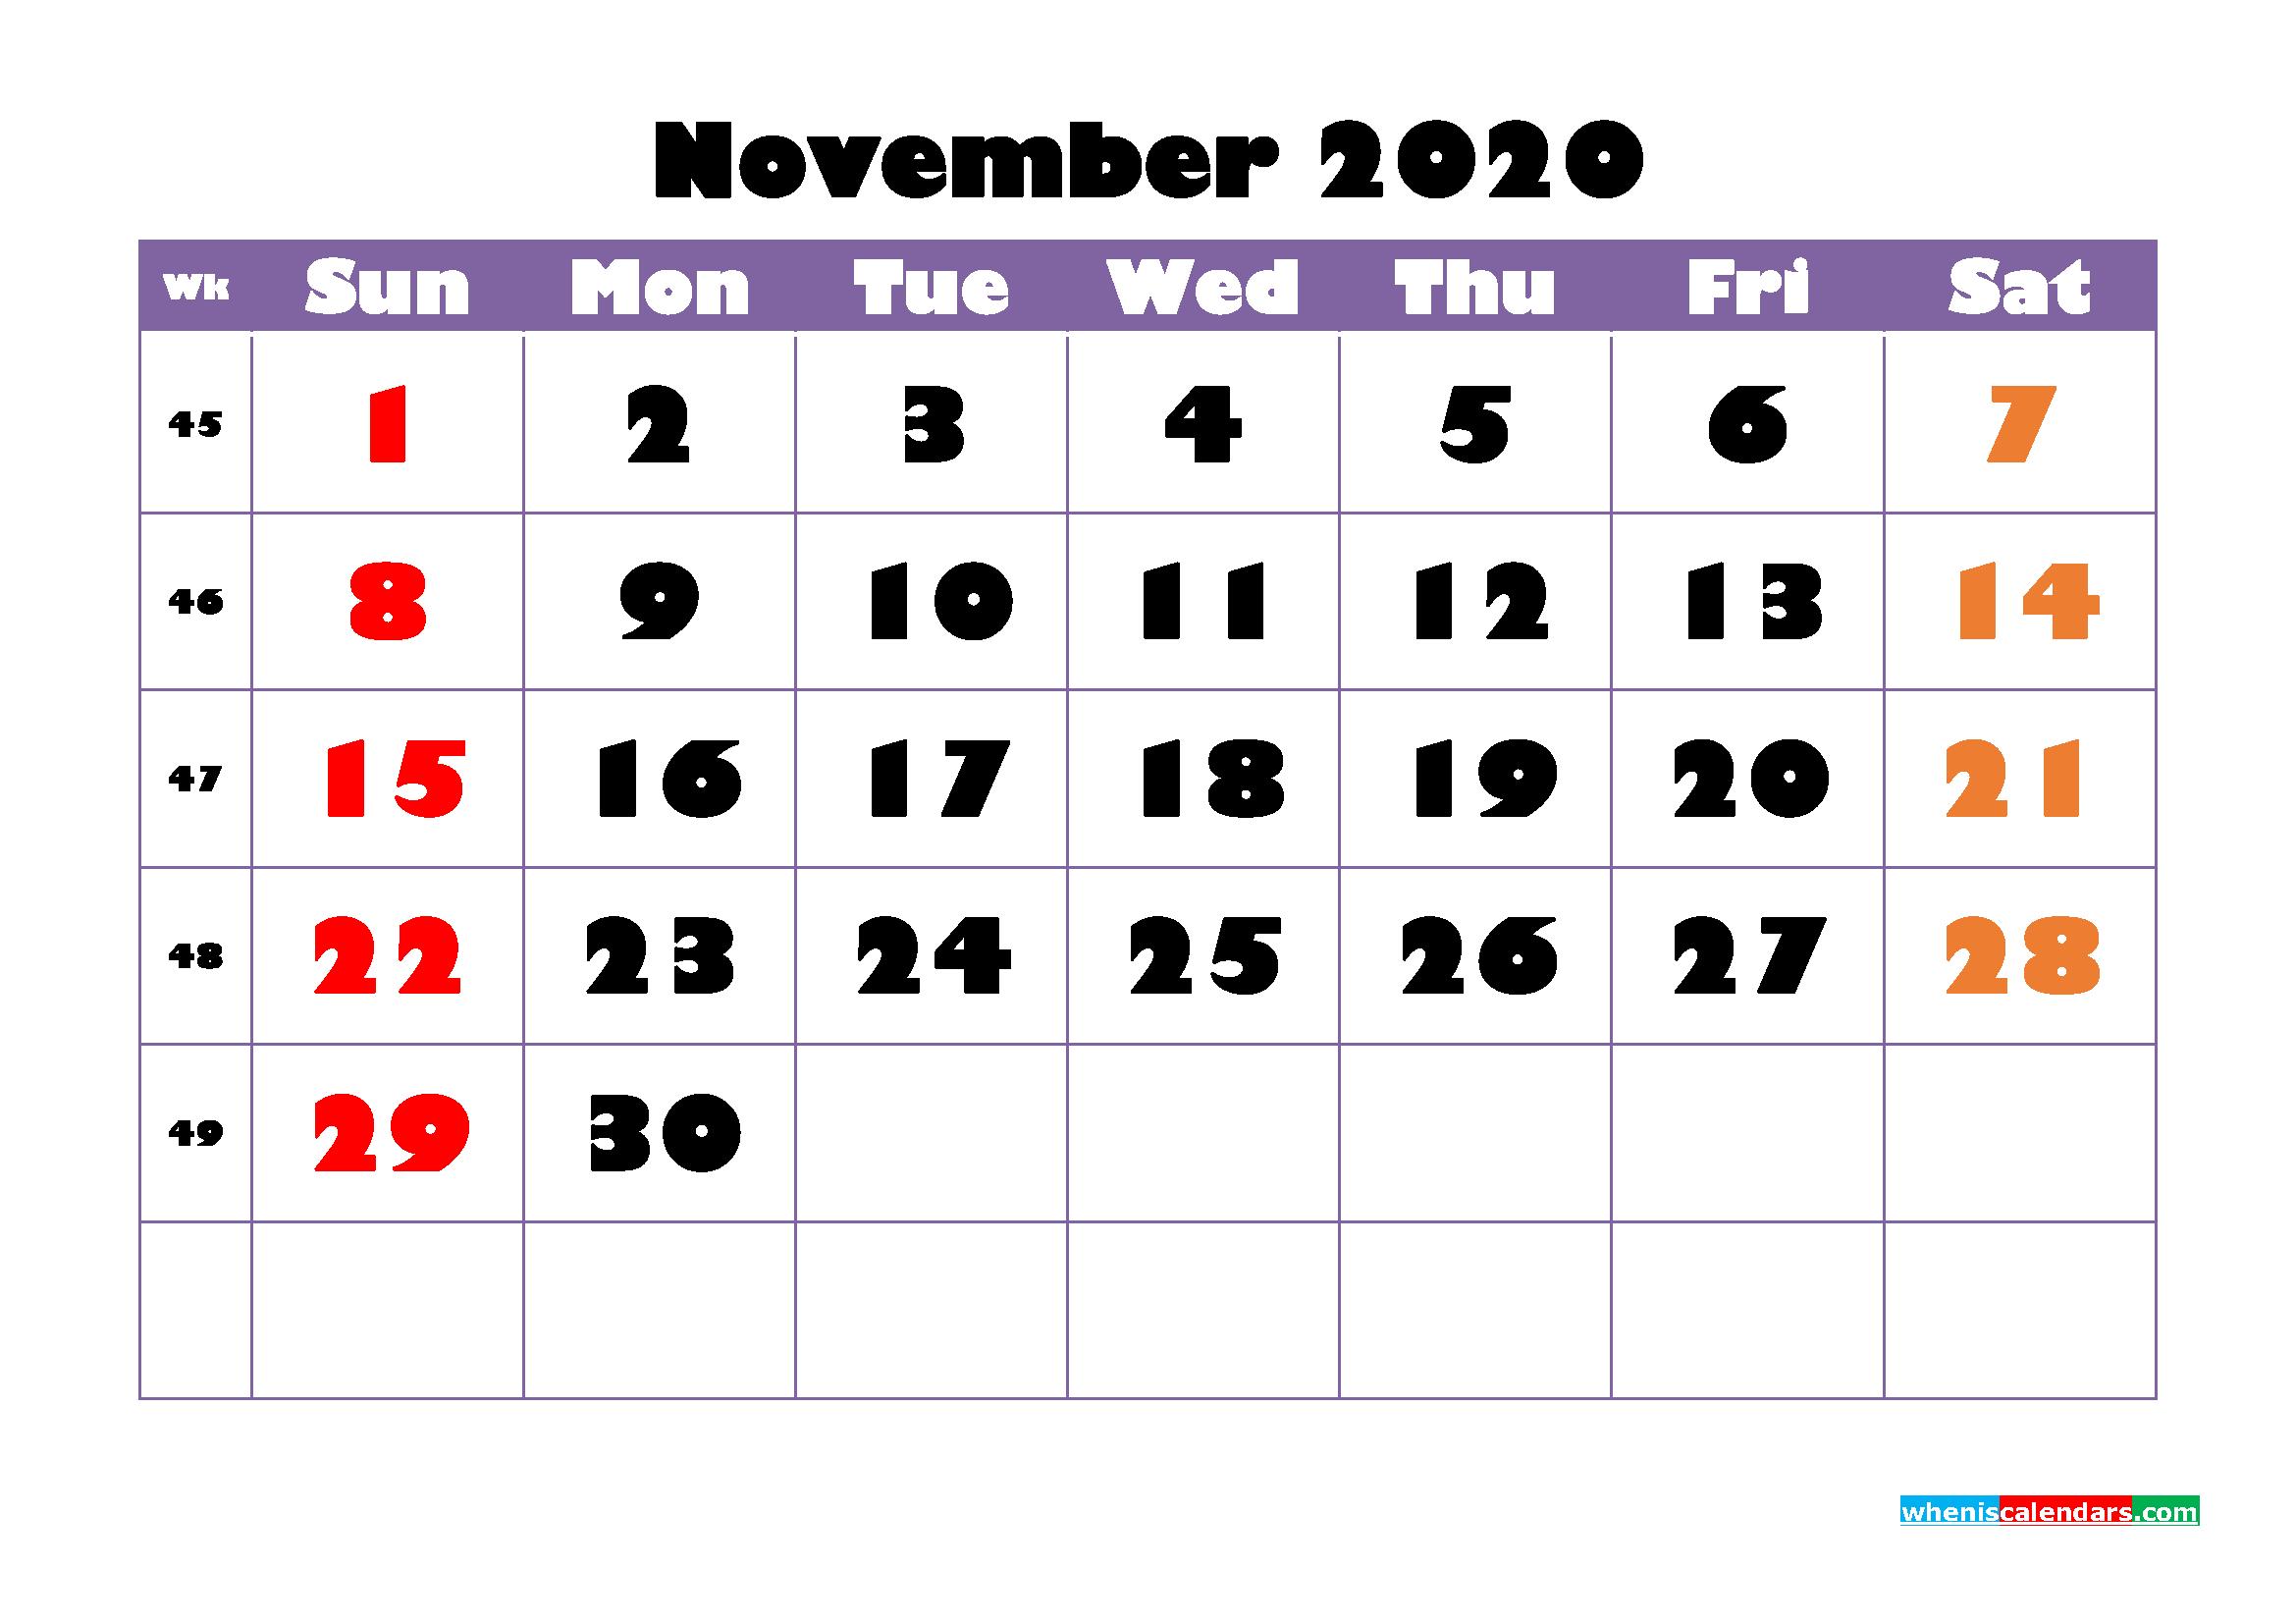 Free Printable November 2020 Calendar - No.m20b755